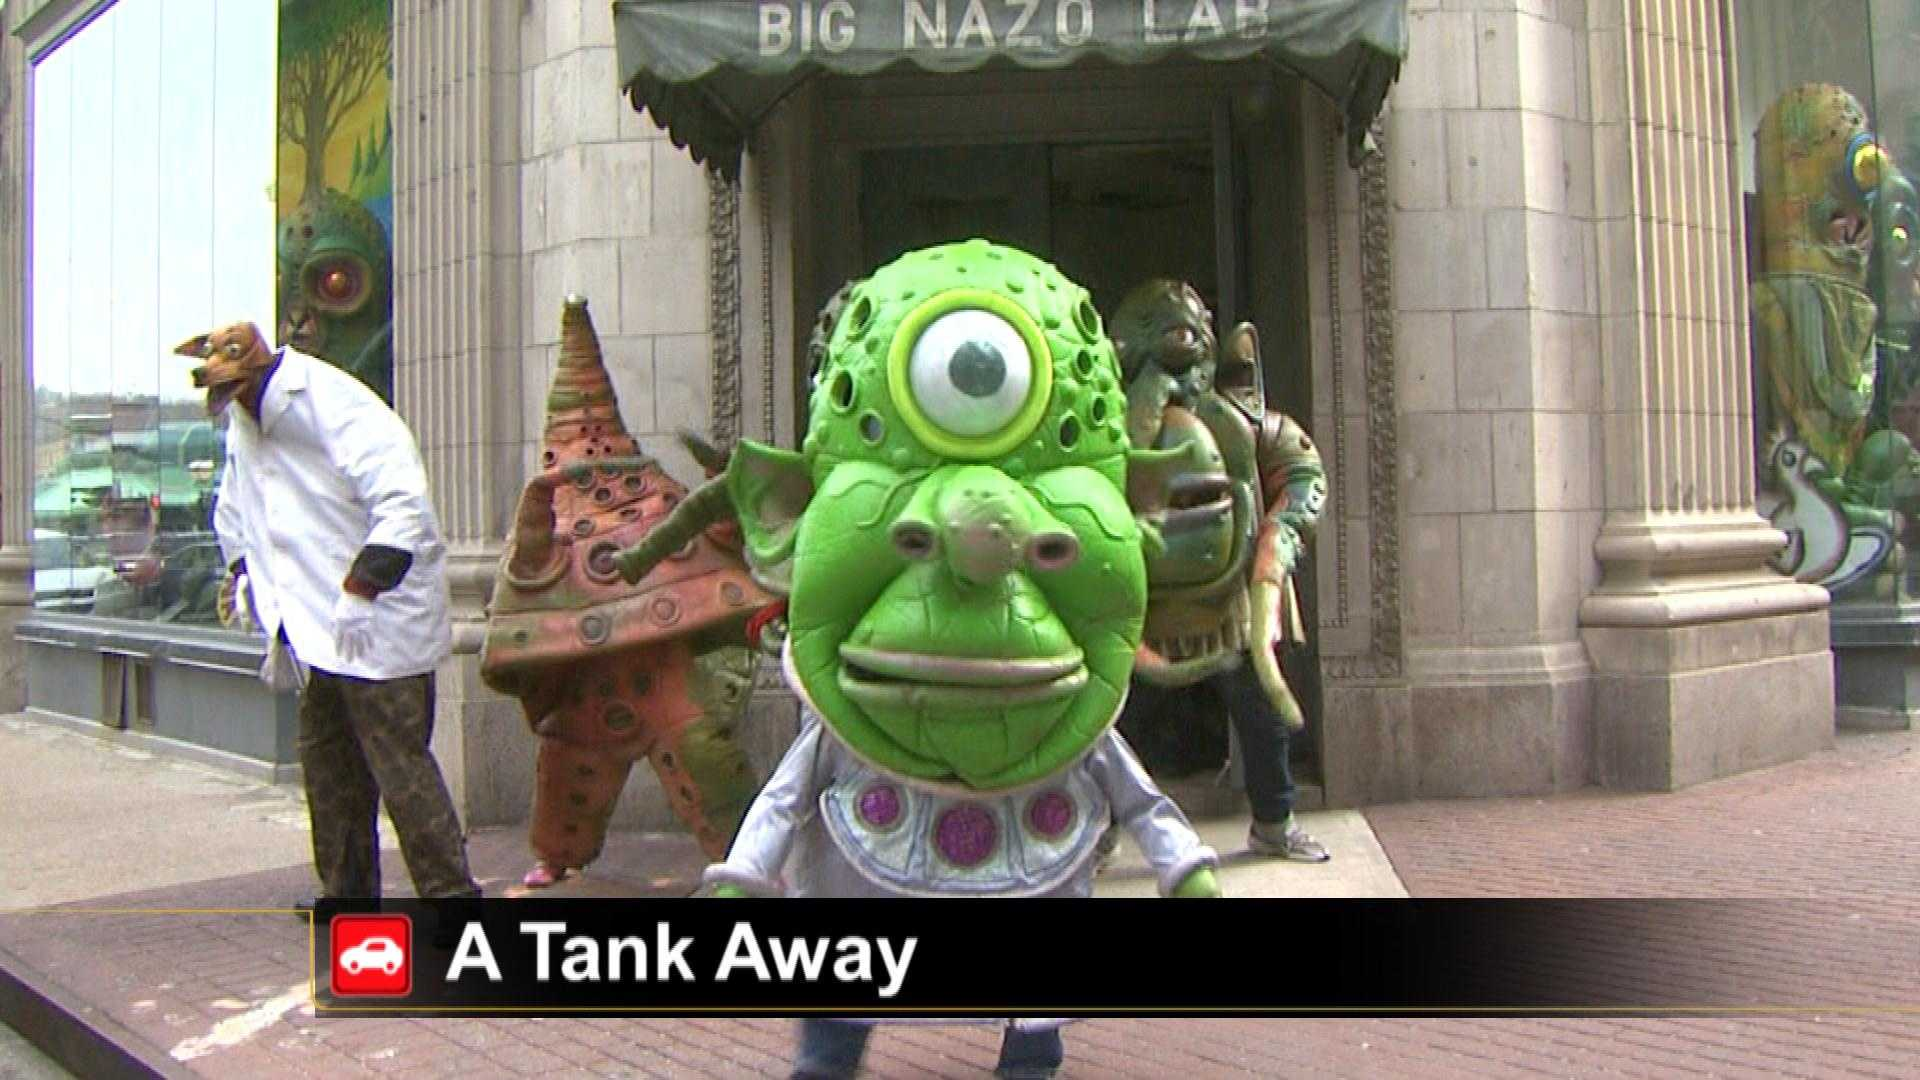 Image: A Tank Away